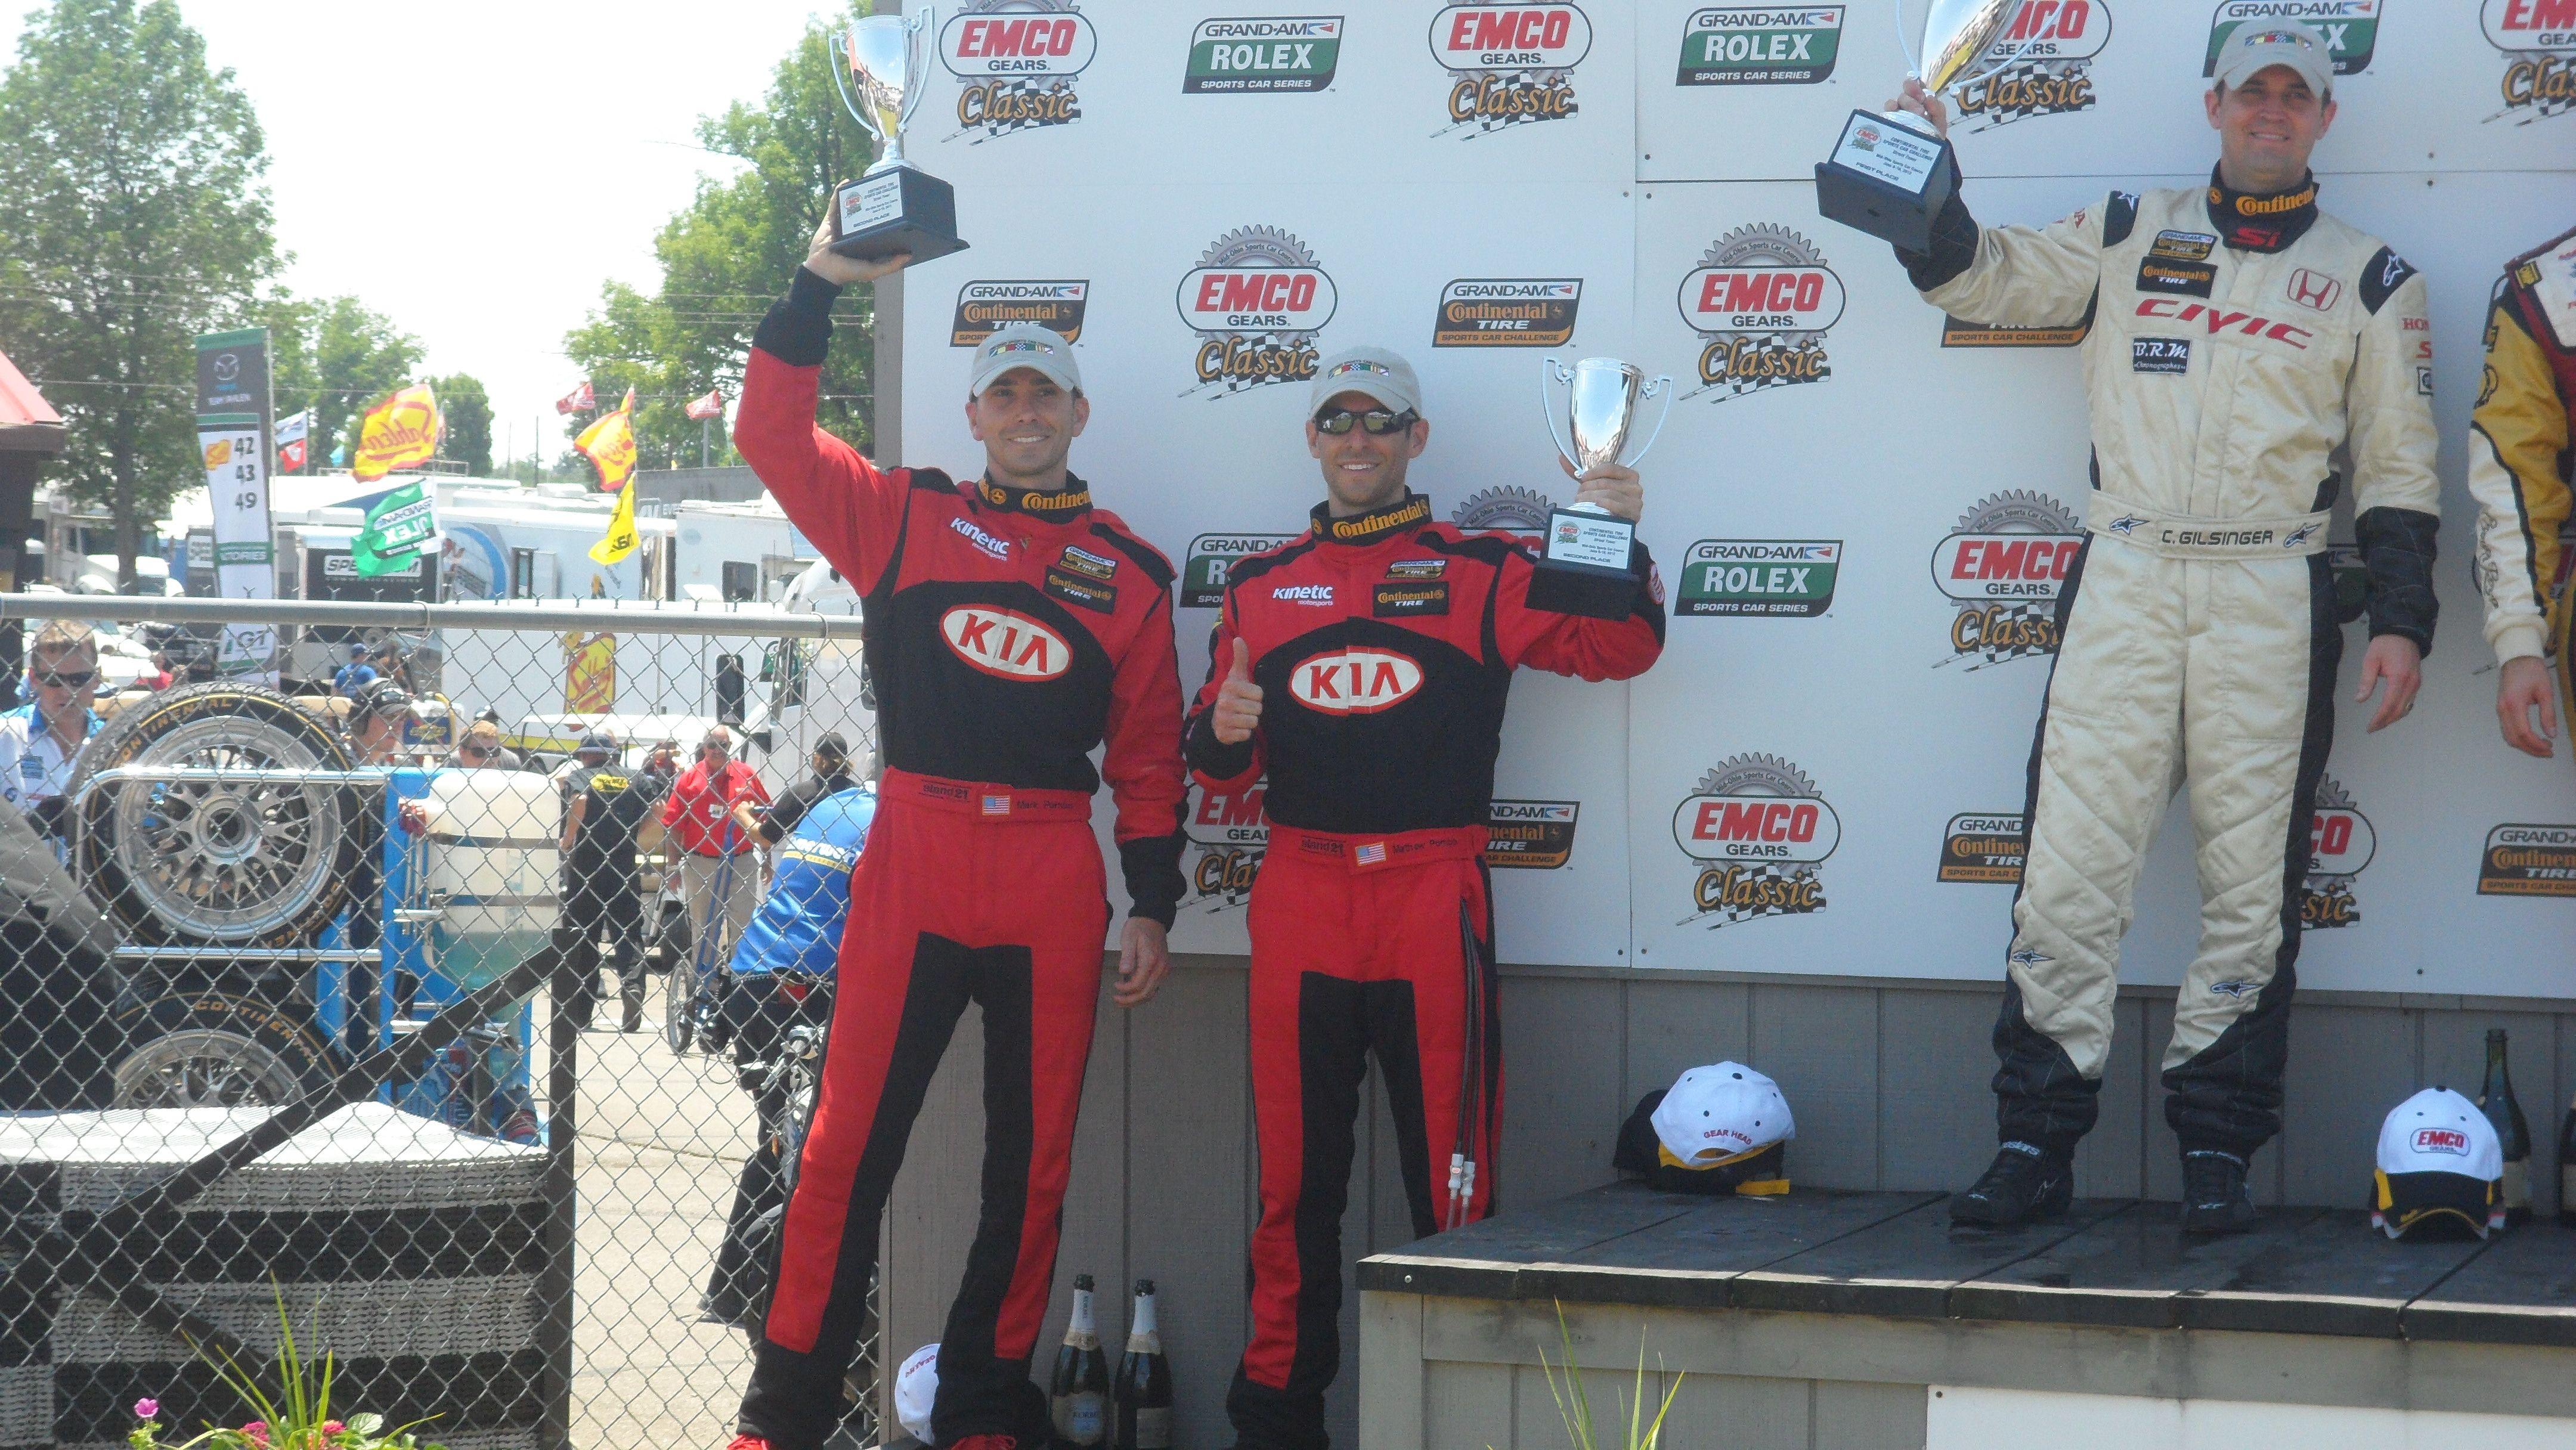 Kia racings mark and mathew pombo stand tall on the